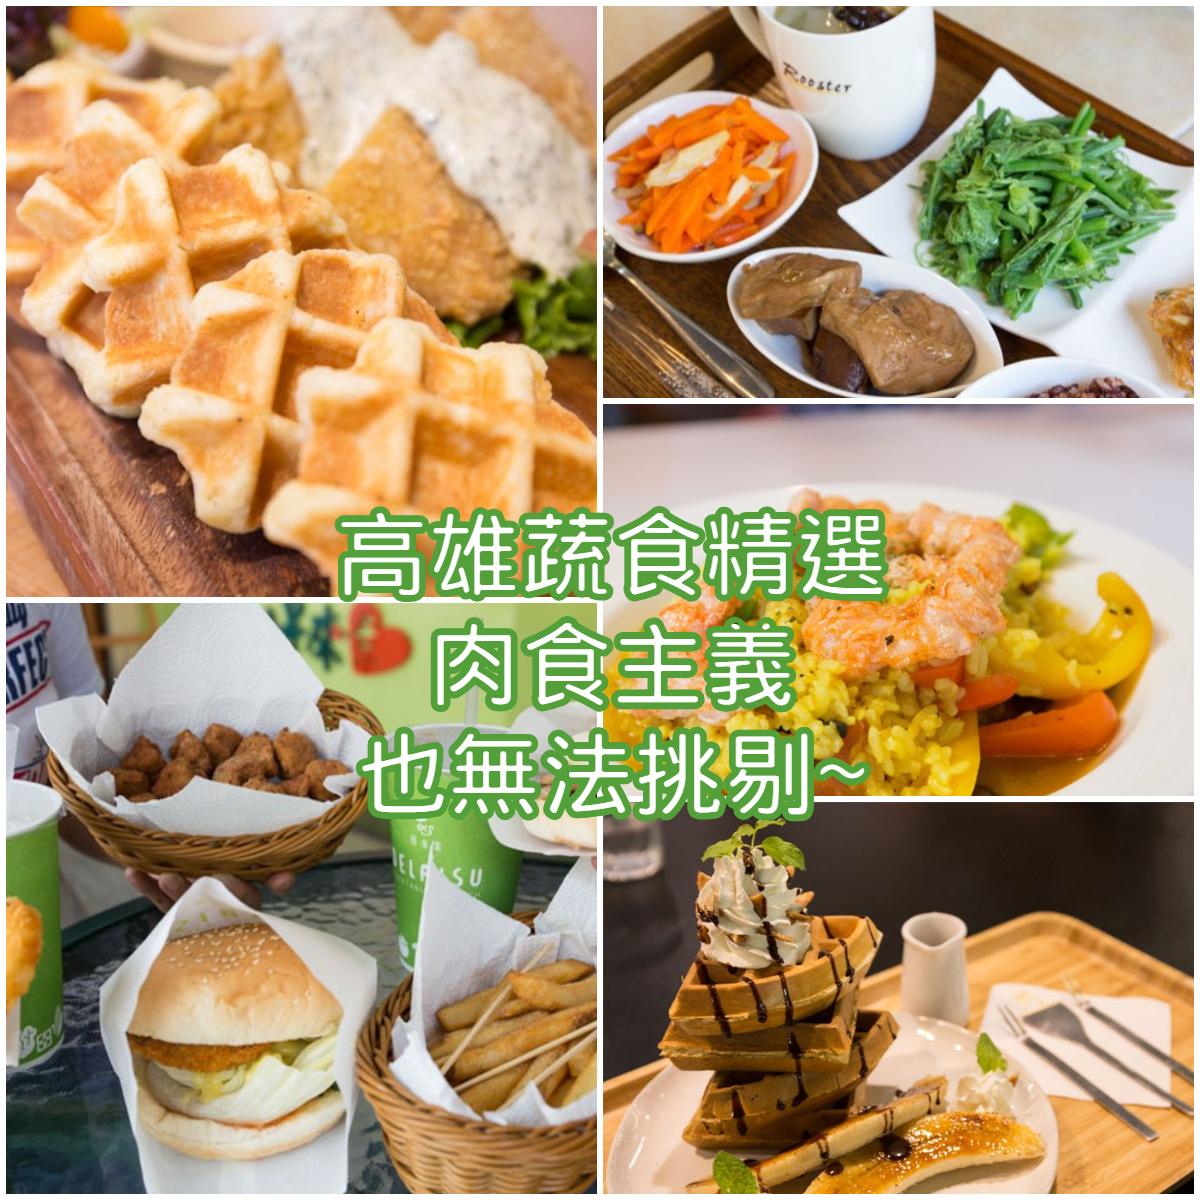 【高雄│蔬食主義】蔬食正夯!環保健康新取向,蔬食餐廳精選特輯